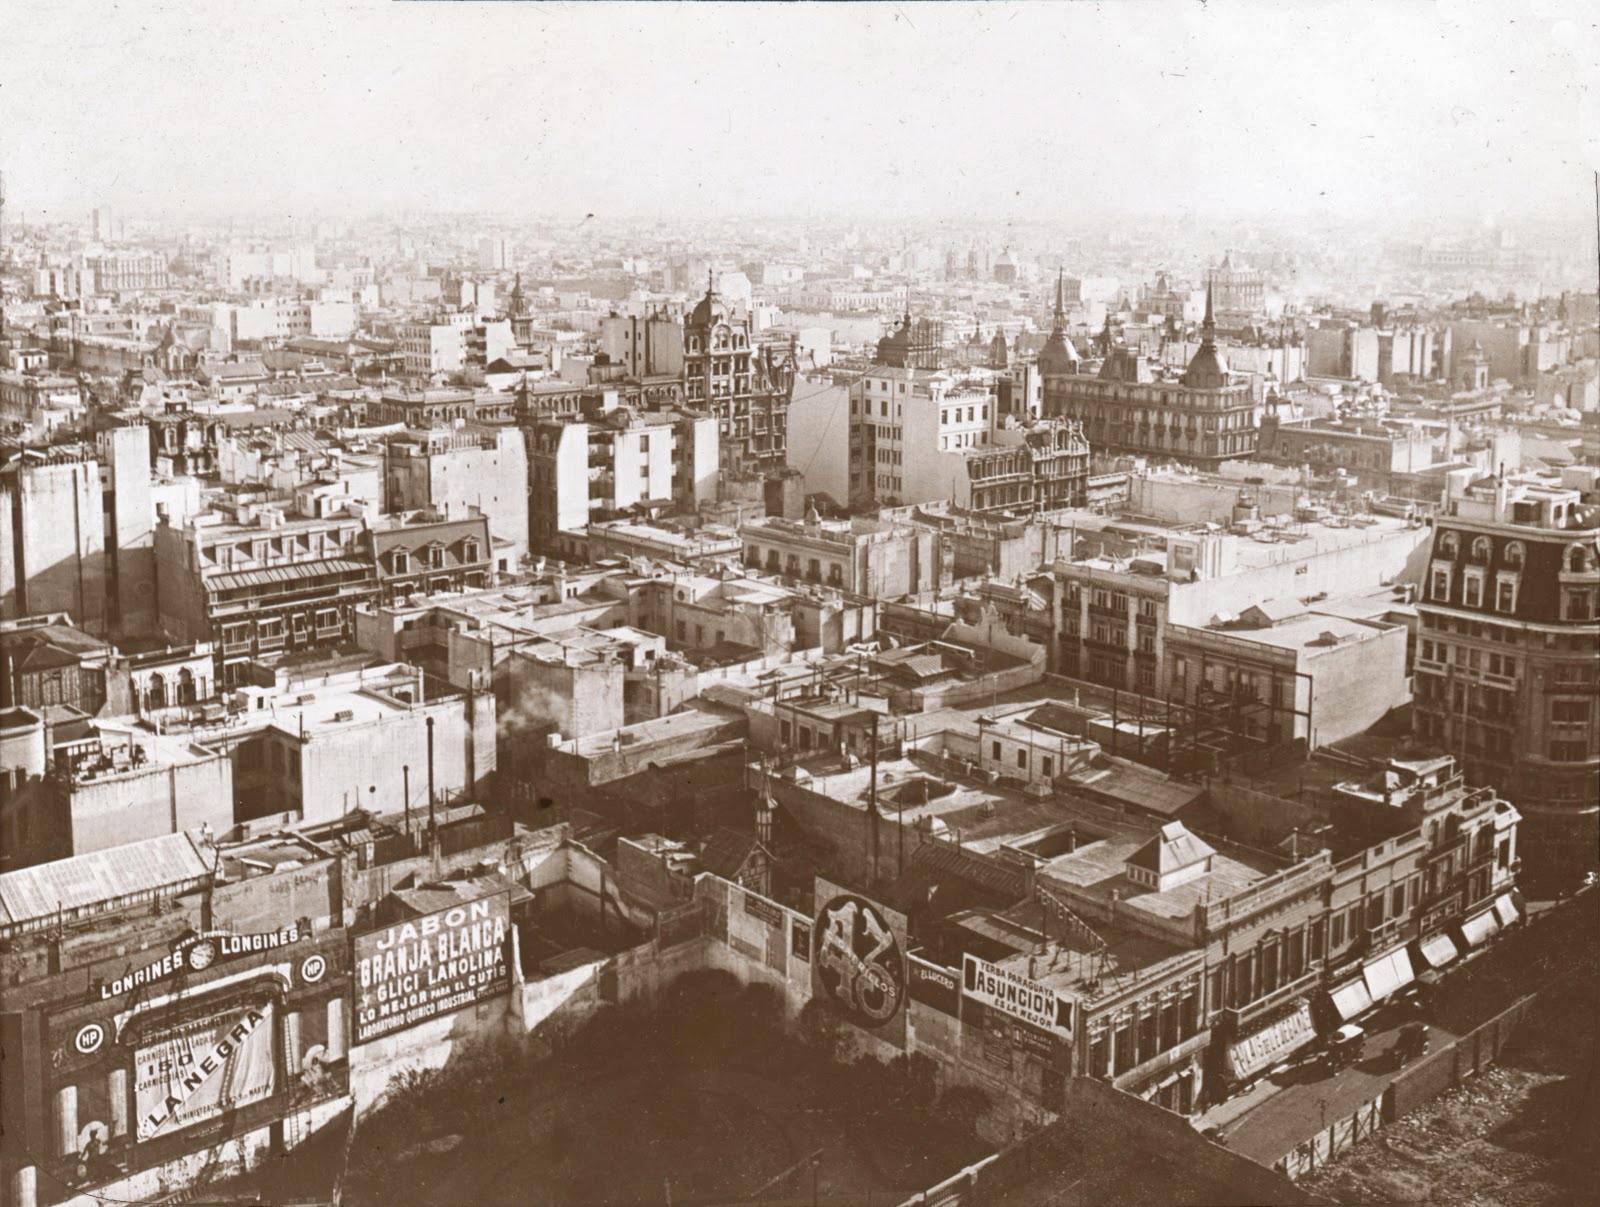 Pendant la Seconde Guerre mondiale, le « baron » vivait dans une maison de la rue Diagonal, à Buenos Aires